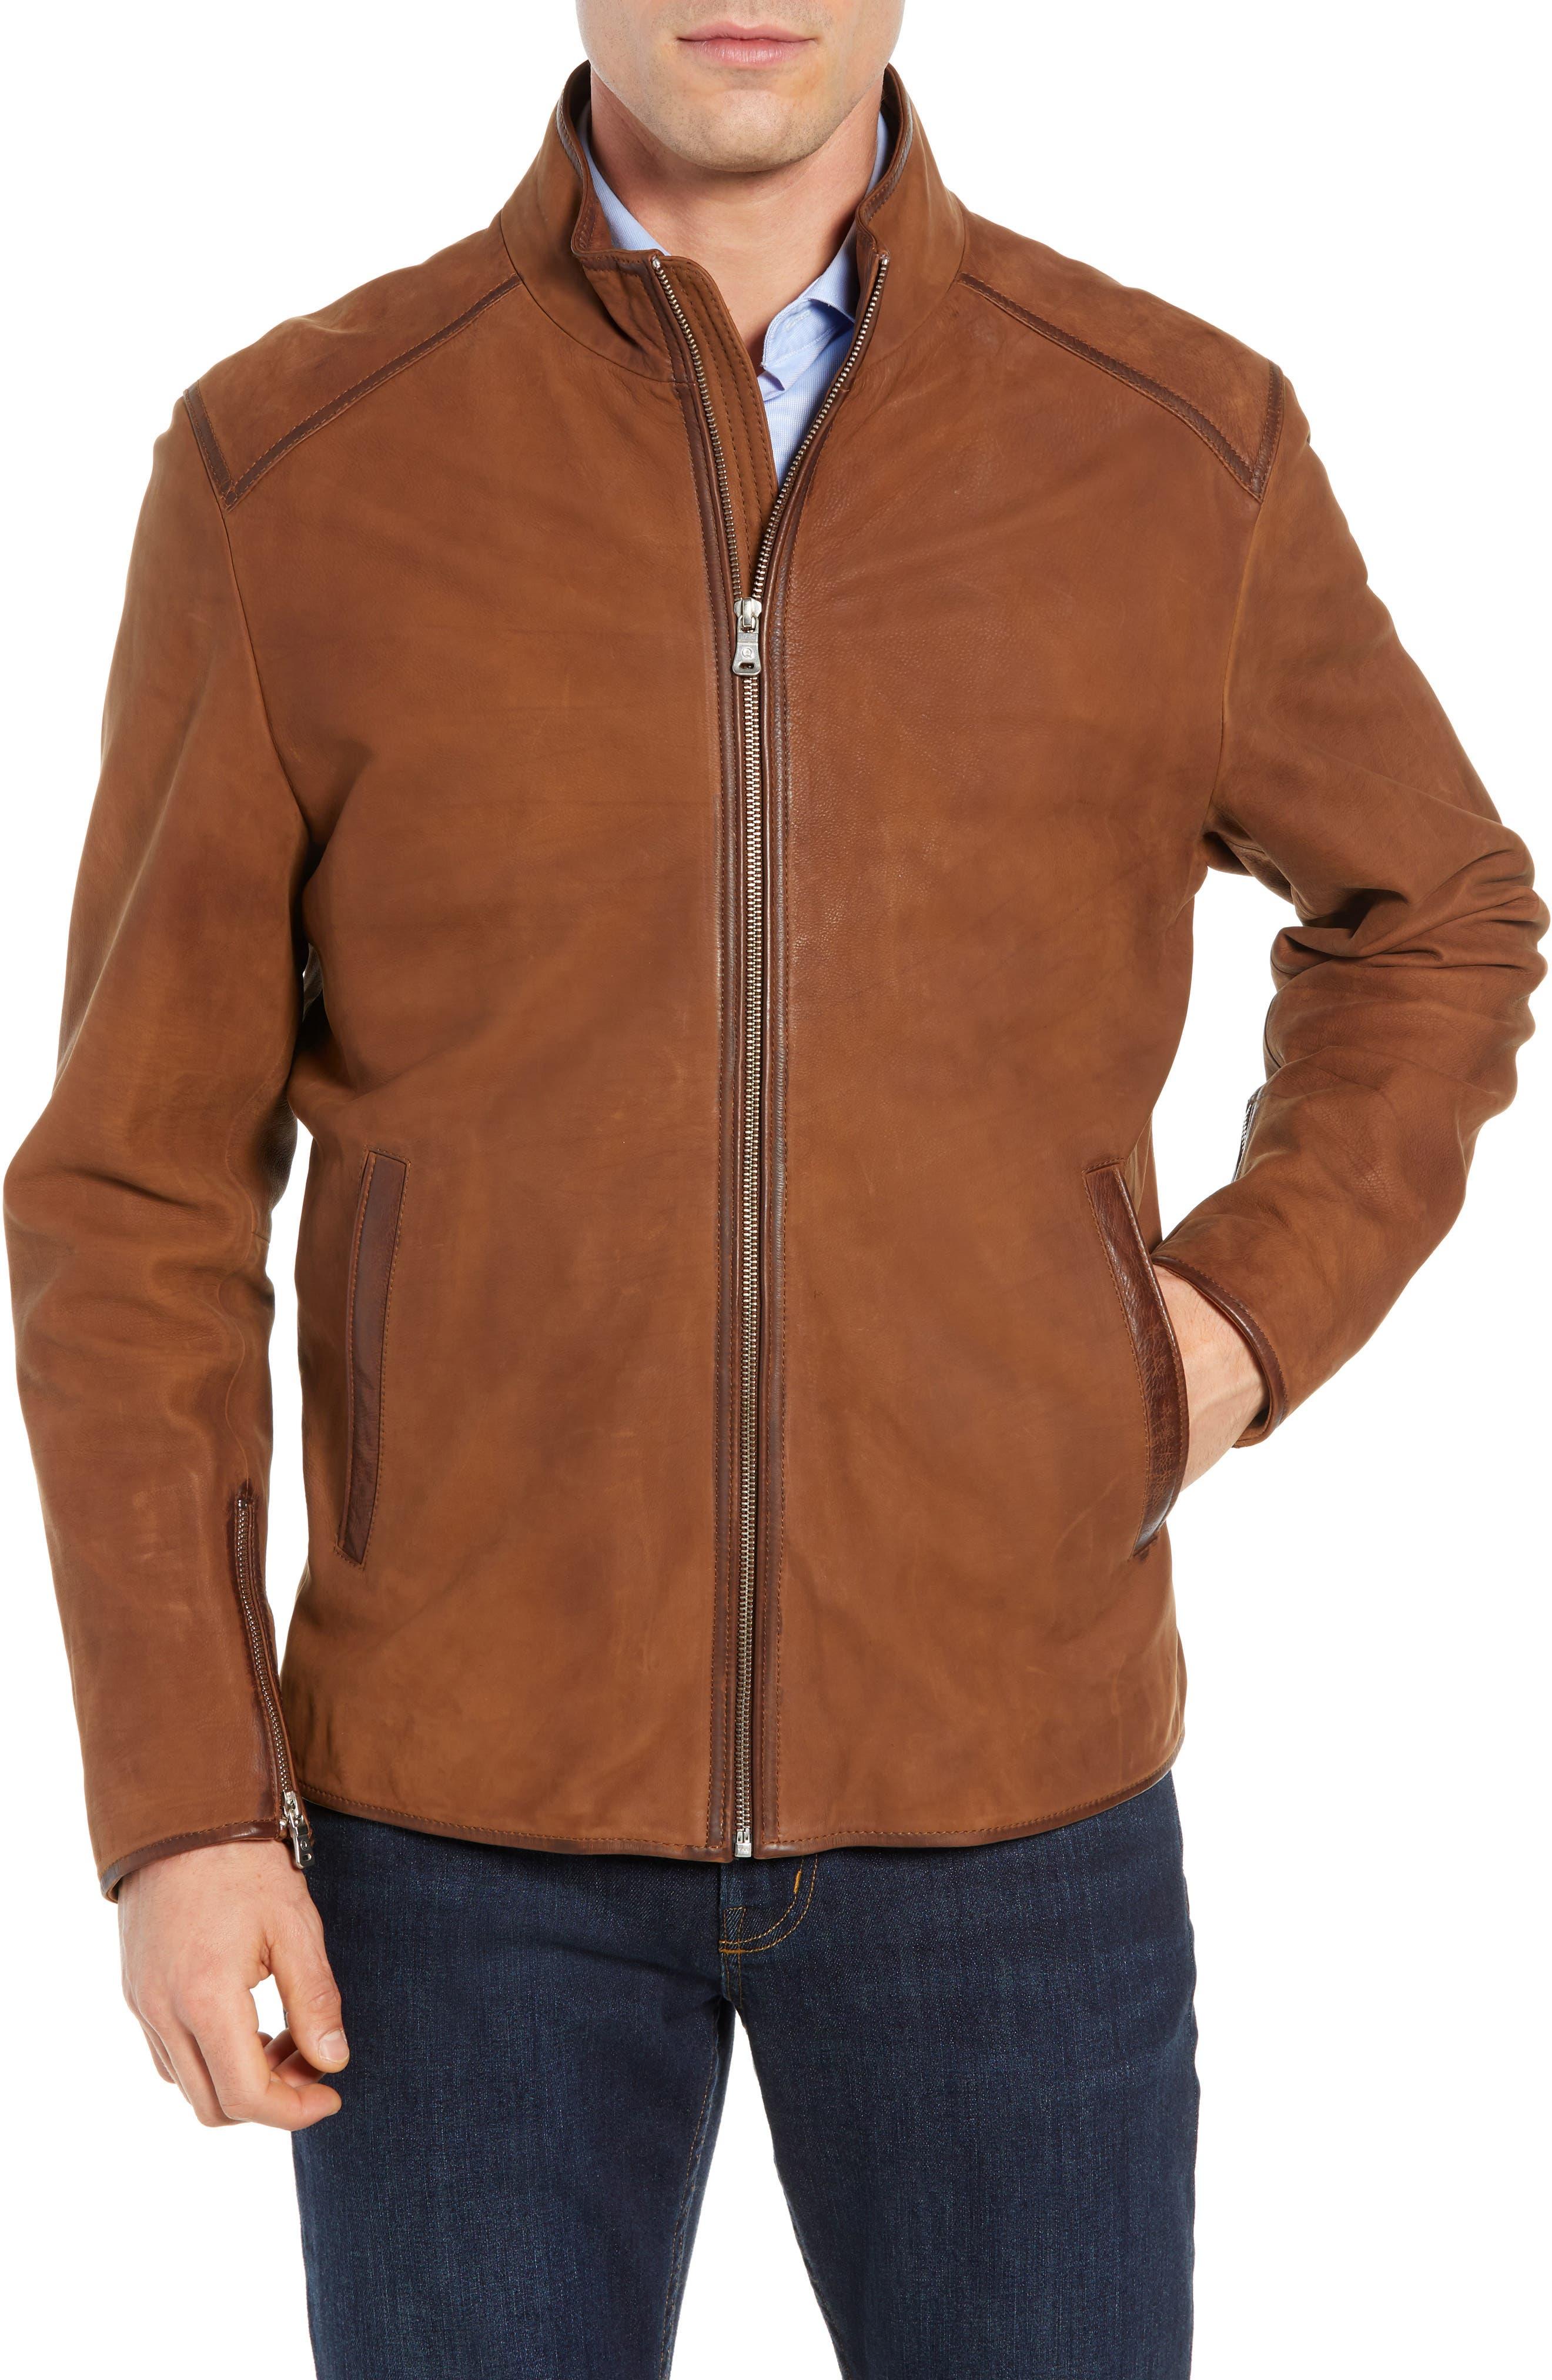 Regular Fit Leather Moto Jacket,                             Main thumbnail 1, color,                             COGNAC